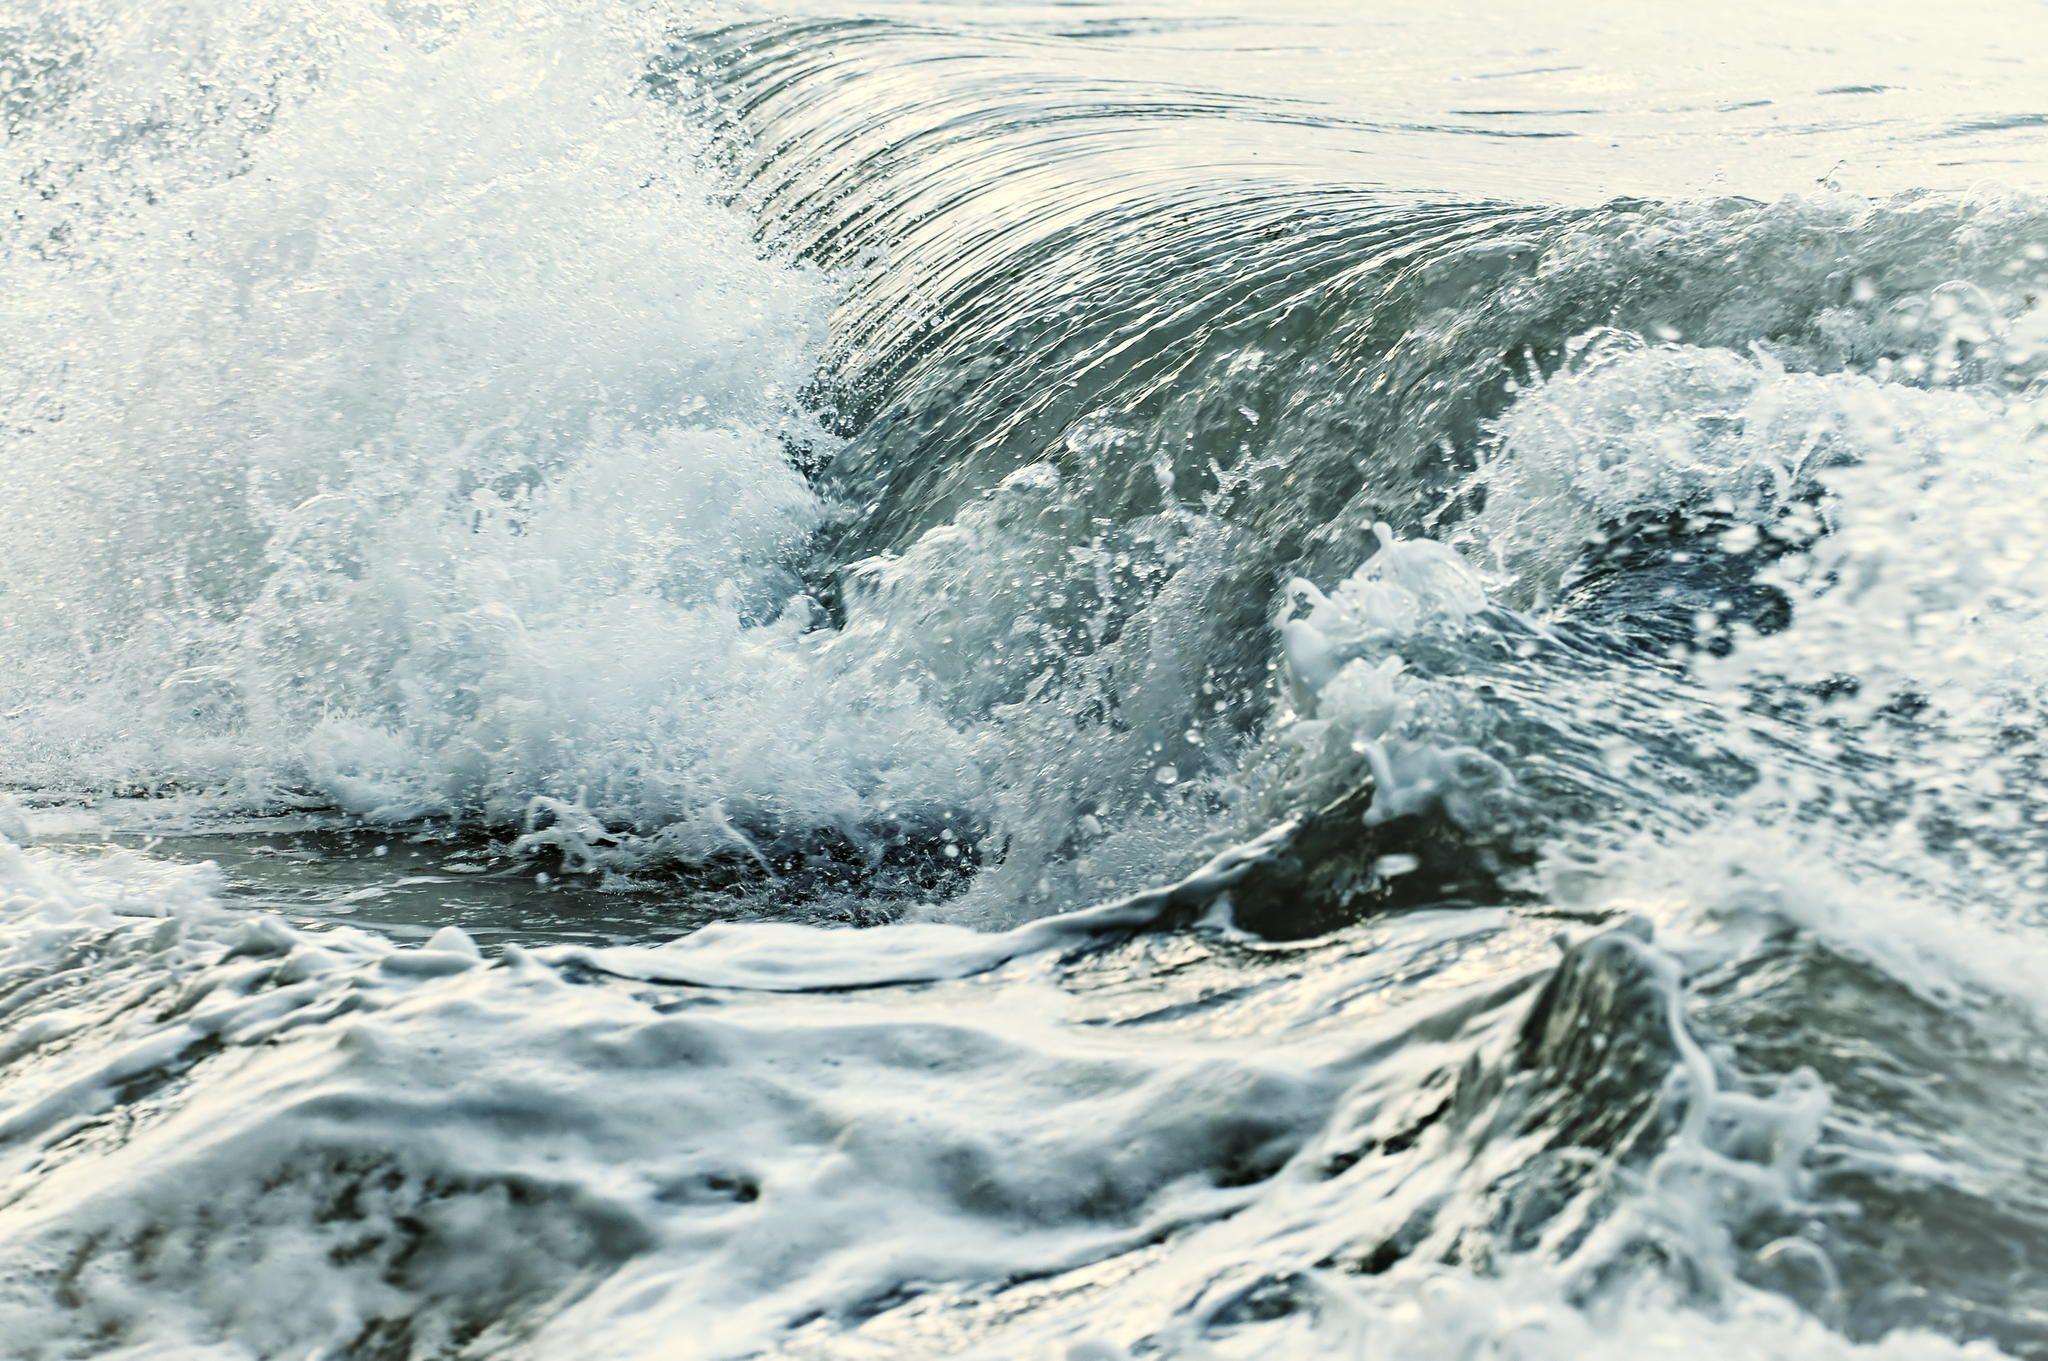 Waves in stormy ocean by Elena Elisseeva